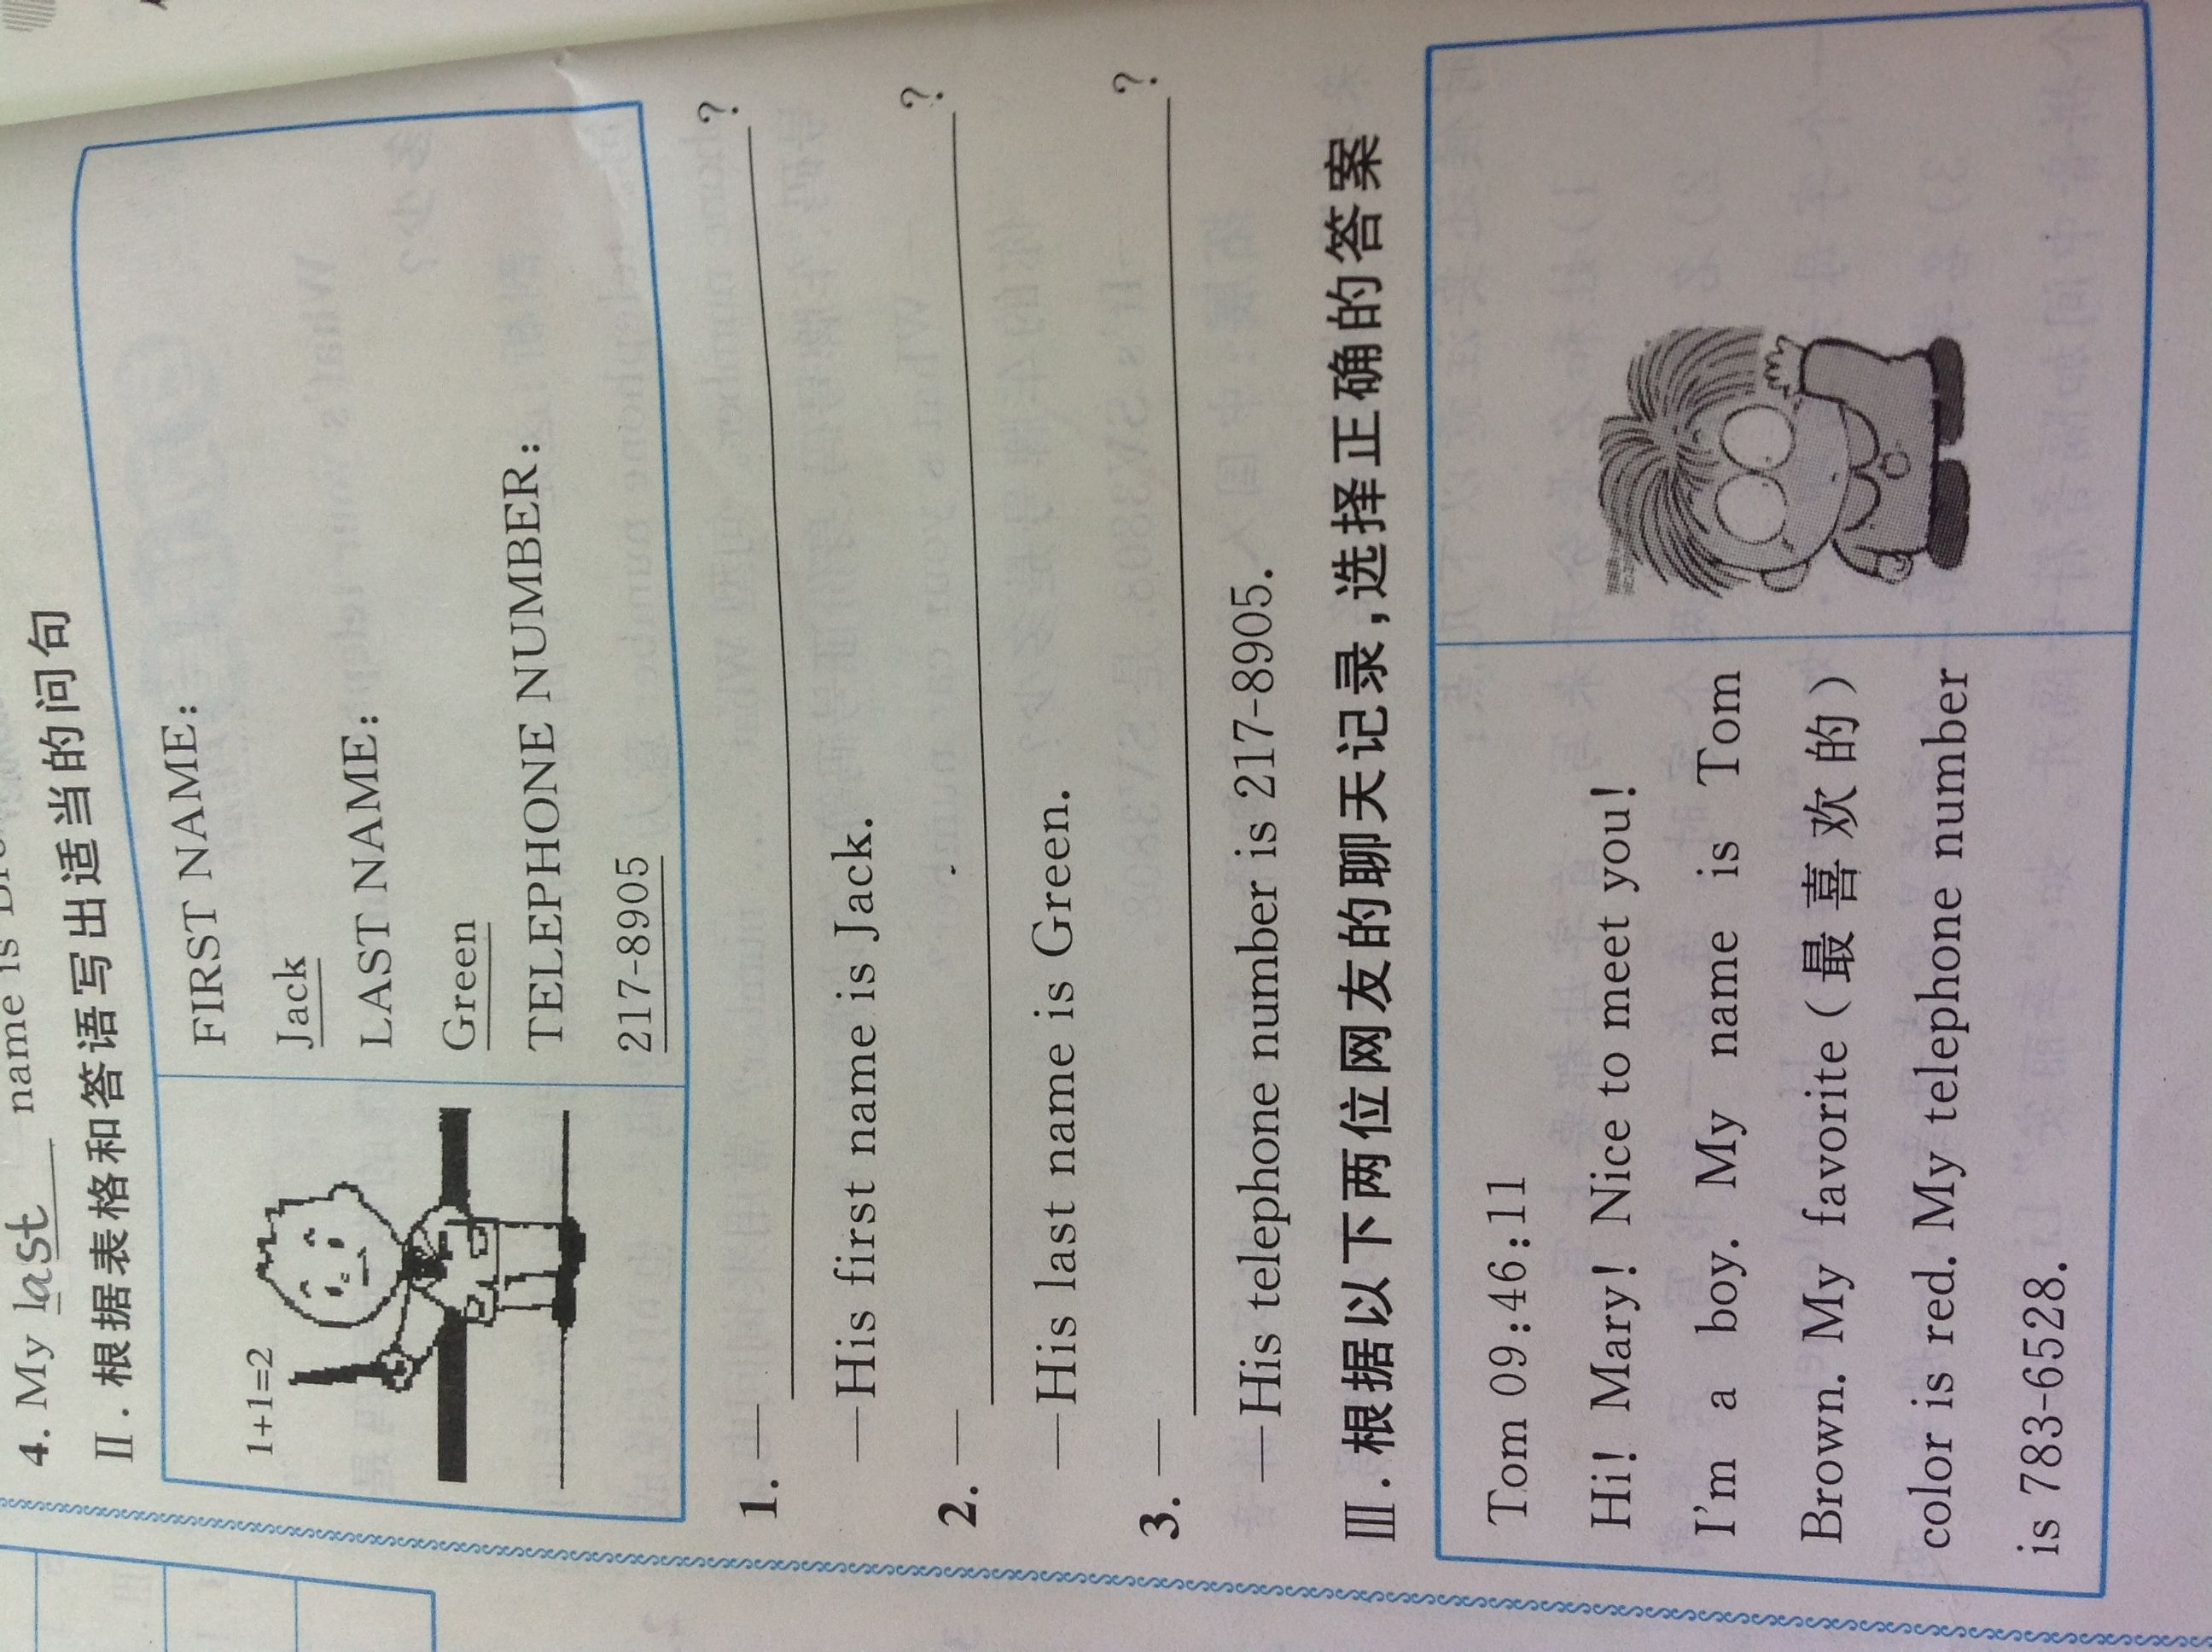 七年级上册英语知识树 一元一次方程应用题 七年级上册知-仁爱版七图片